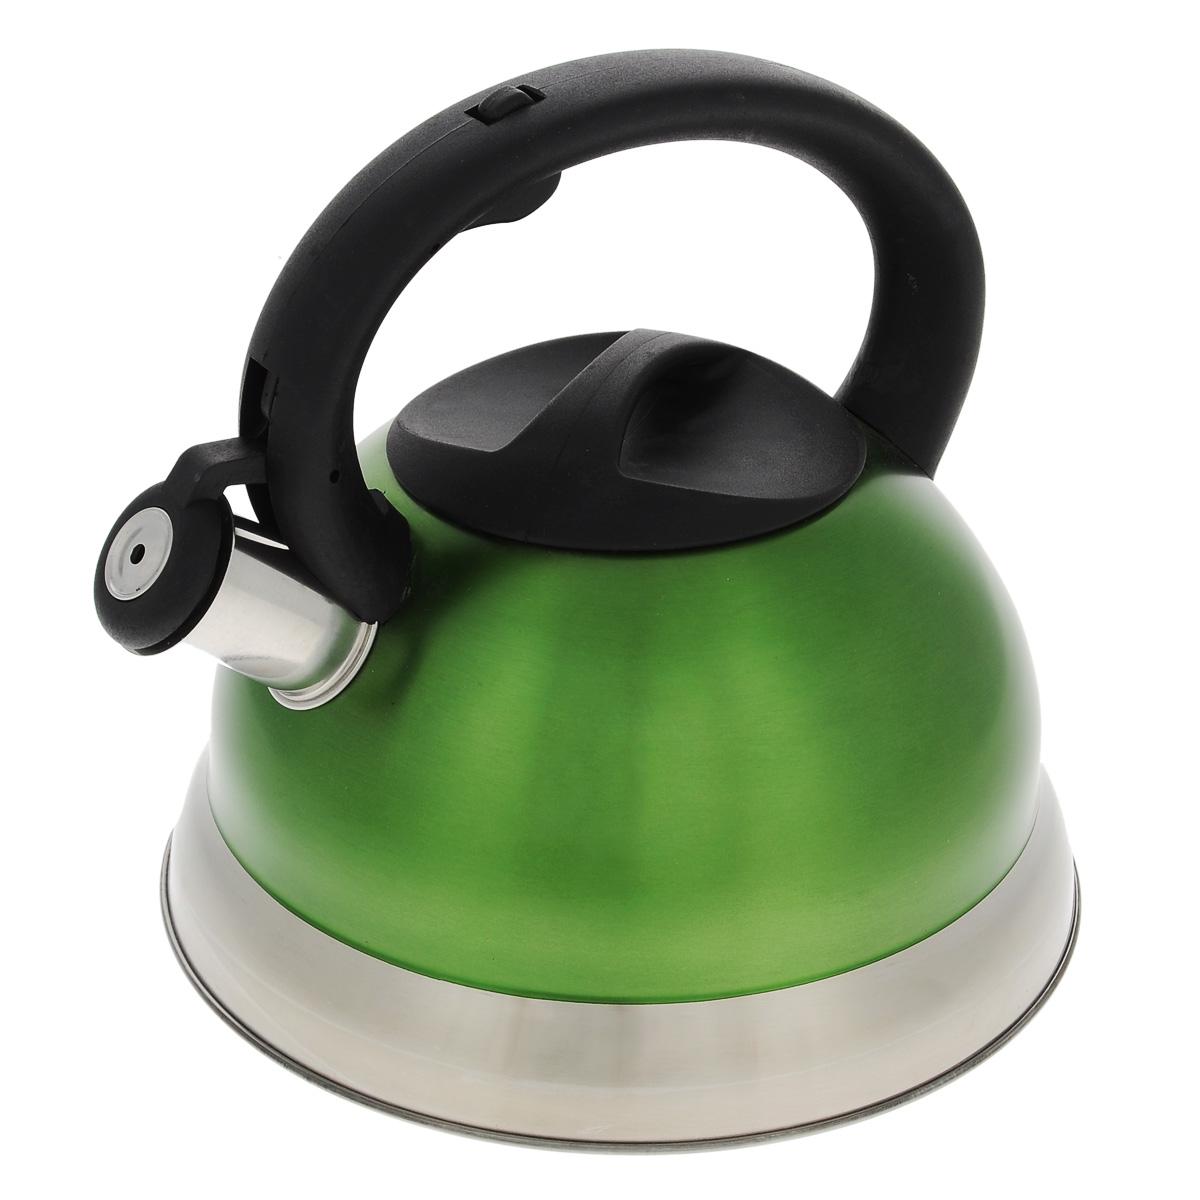 Чайник Bekker Premium со свистком, цвет: зеленый, 2,7 л. BK-S461115510Чайник Bekker Premium изготовлен из высококачественной нержавеющей стали 18/10 с цветным матовым покрытием. Капсулированное дно распределяет тепло по всей поверхности, что позволяет чайнику быстро закипать. Крышка и эргономичная фиксированная ручка выполнены из бакелита черного цвета. Носик оснащен откидным свистком, который подскажет, когда закипела вода. Свисток открывается и закрывается нажатием кнопки на рукоятке. Подходит для всех типов плит, включая индукционные. Можно мыть в посудомоечной машине. Высота чайника (без учета ручки): 11,5 см. Высота чайника (с учетом ручки): 21 см.Толщина стенки: 0,4 мм.